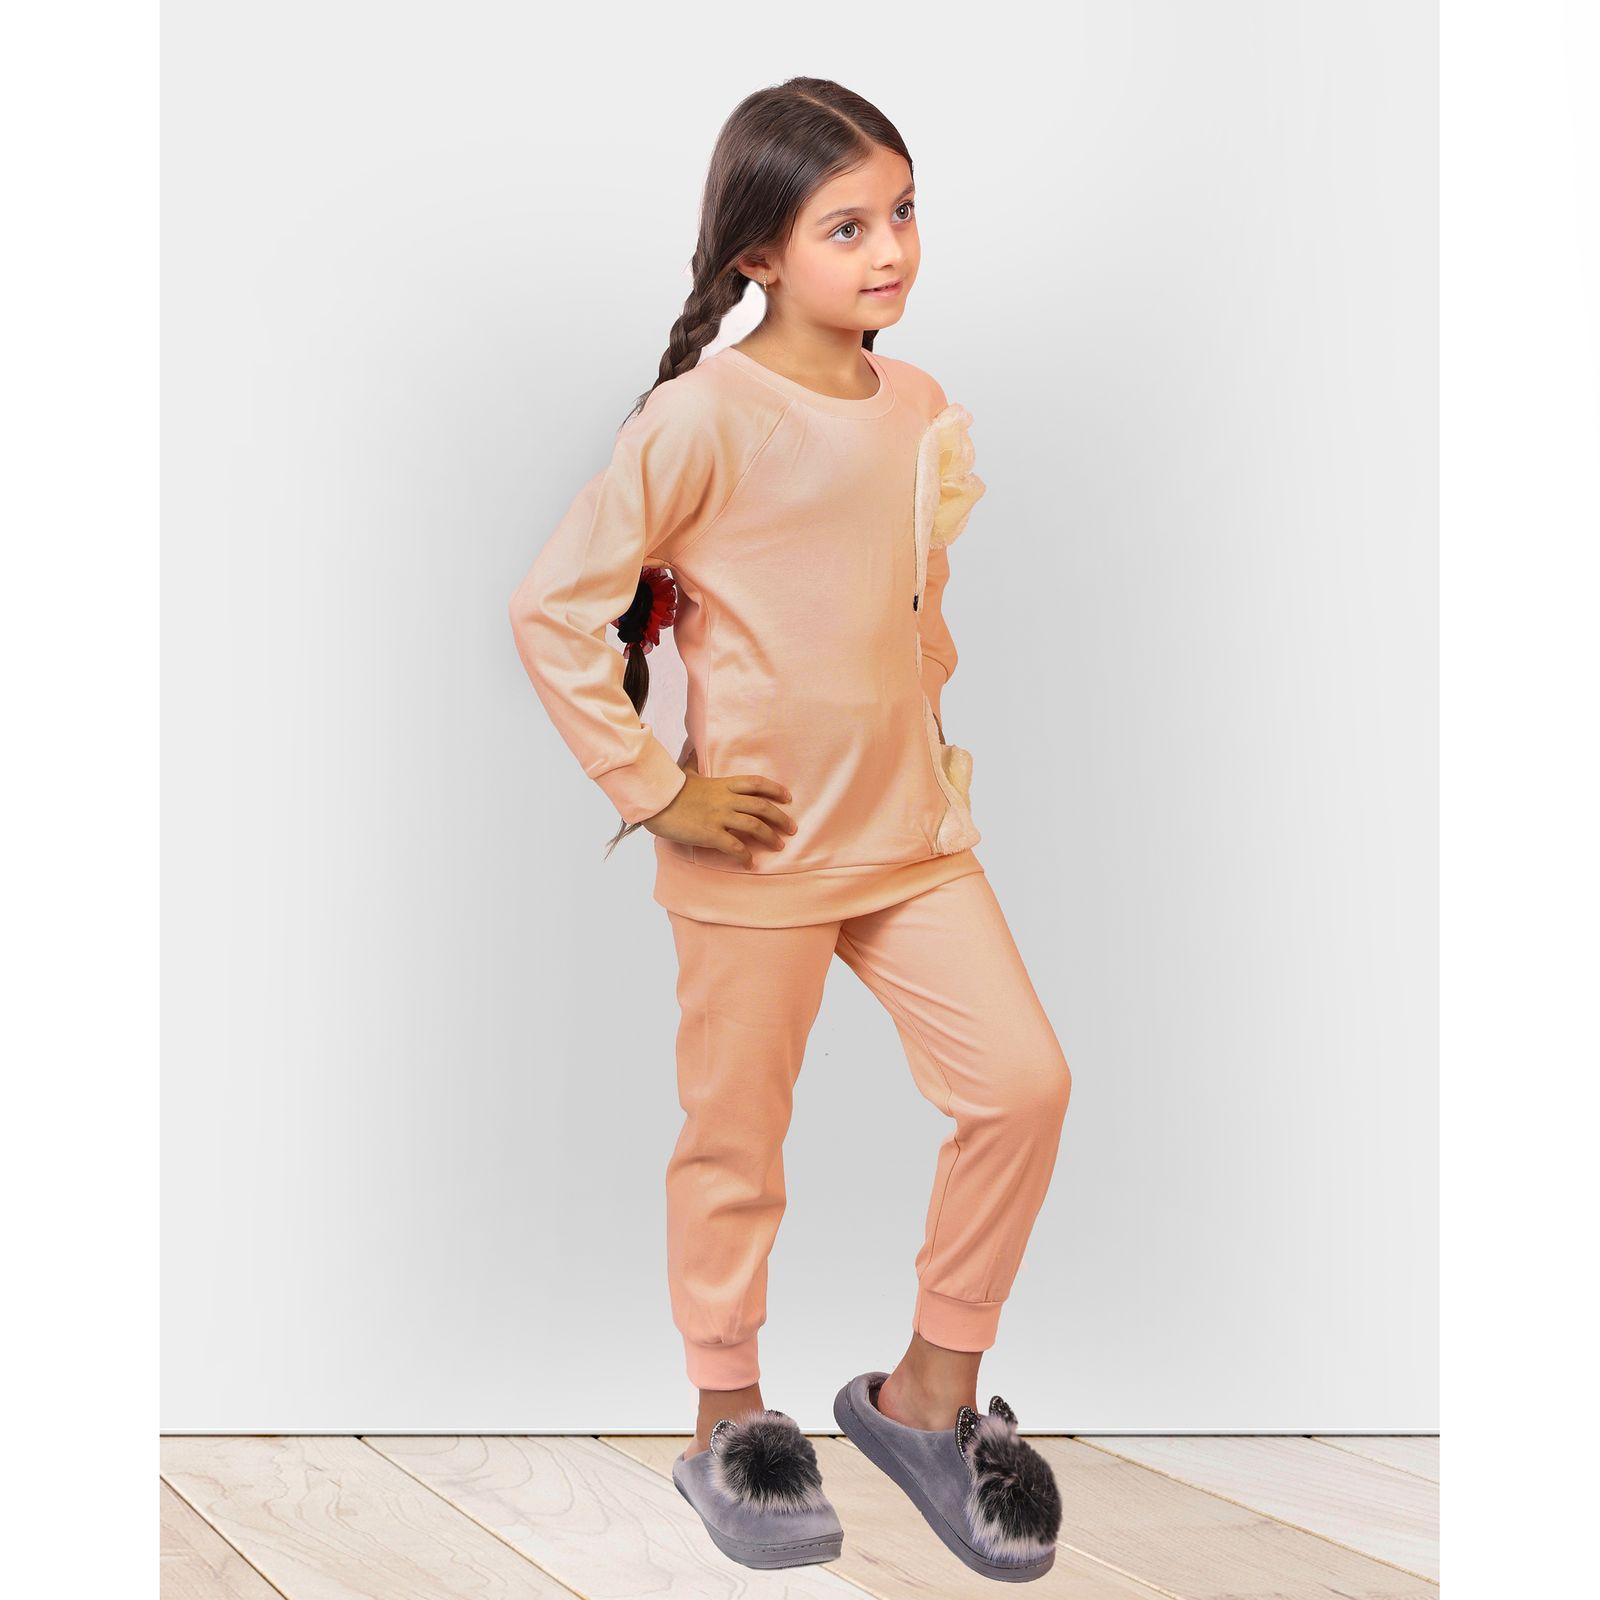 ست تی شرت و شلوار دخترانه مادر مدل 302-80 main 1 11